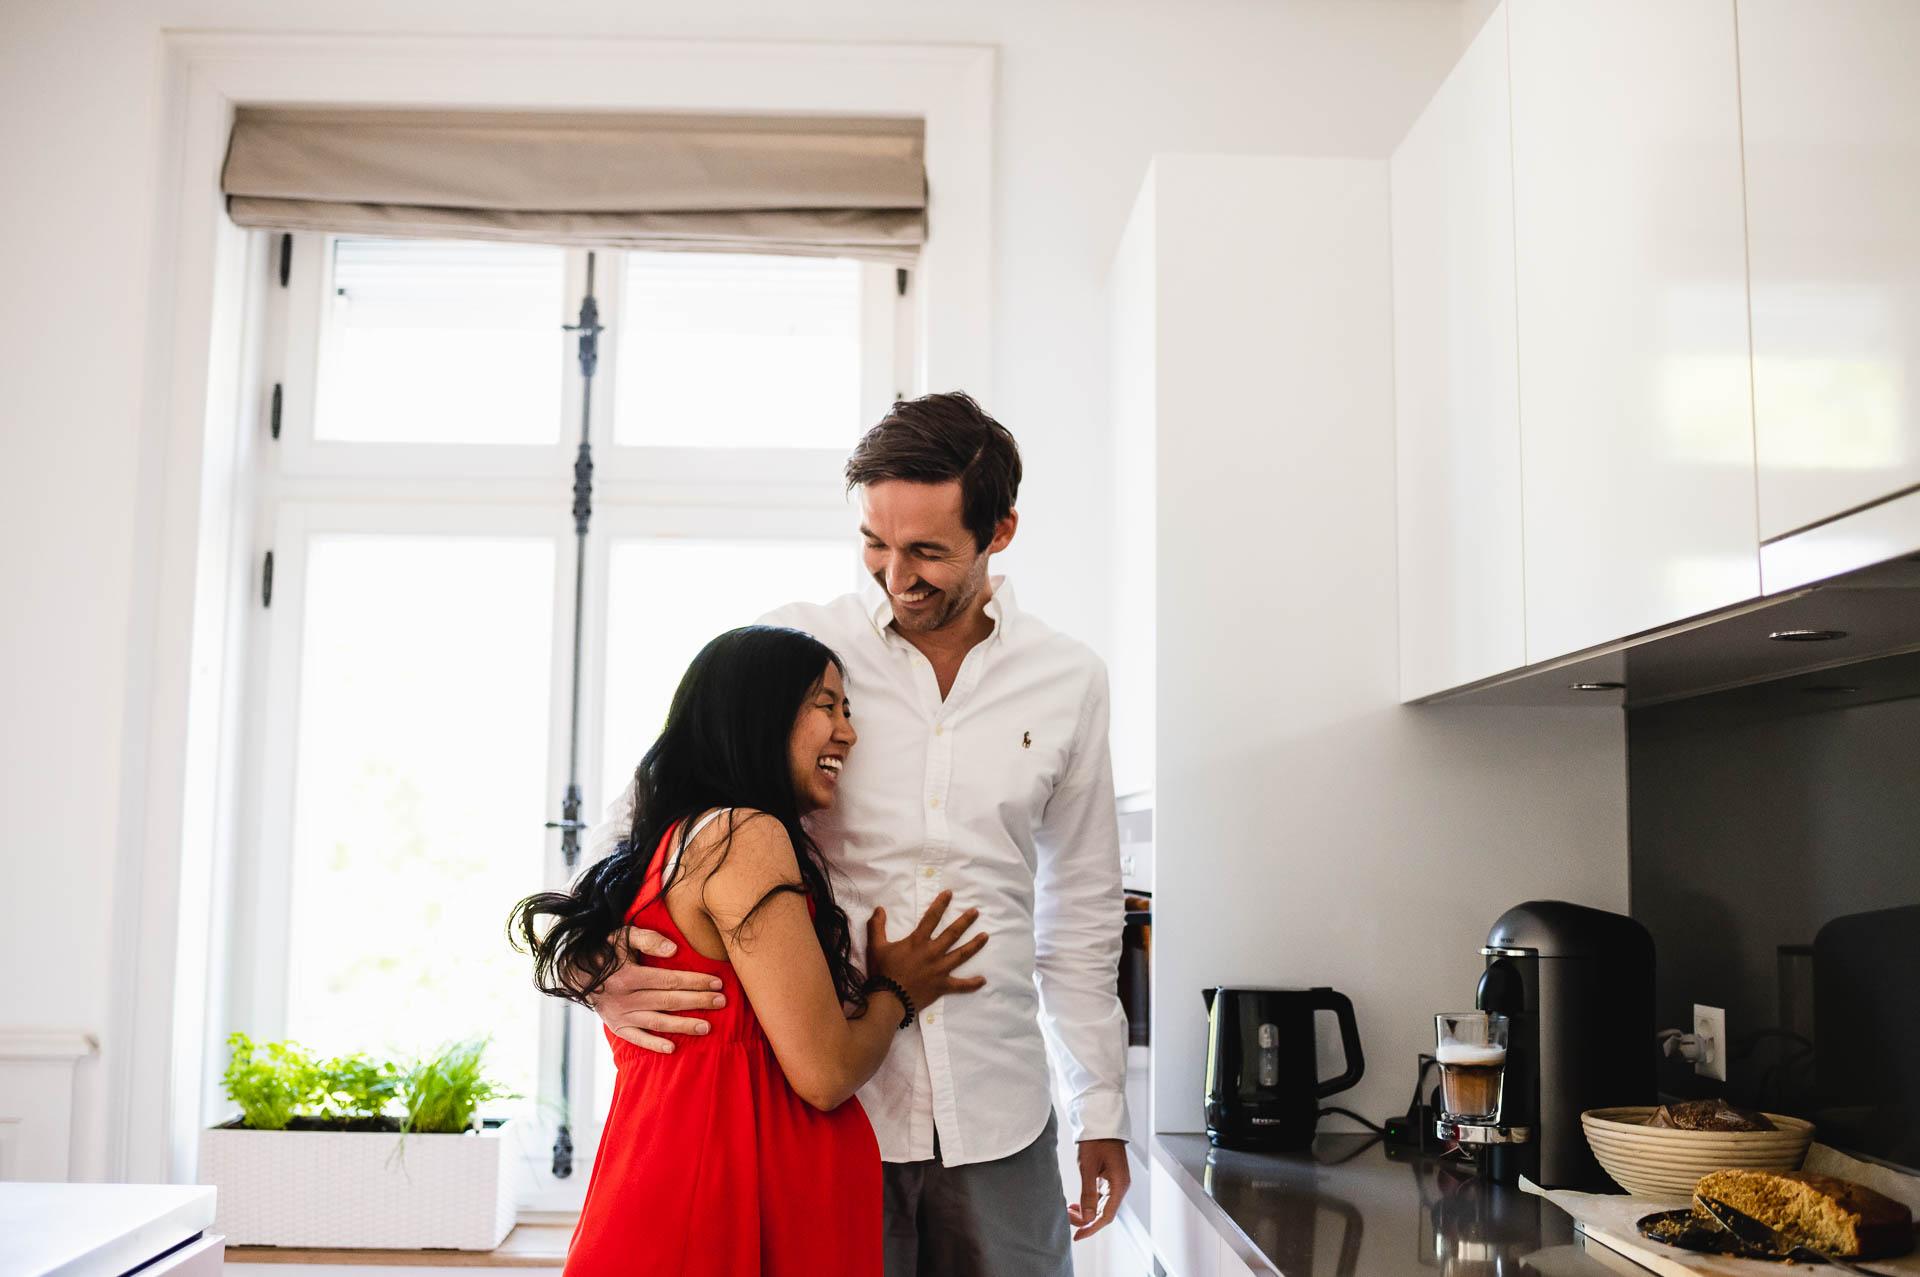 Schwangere Frau in einem roten Kleid umarmt ihren Partner in der Küche